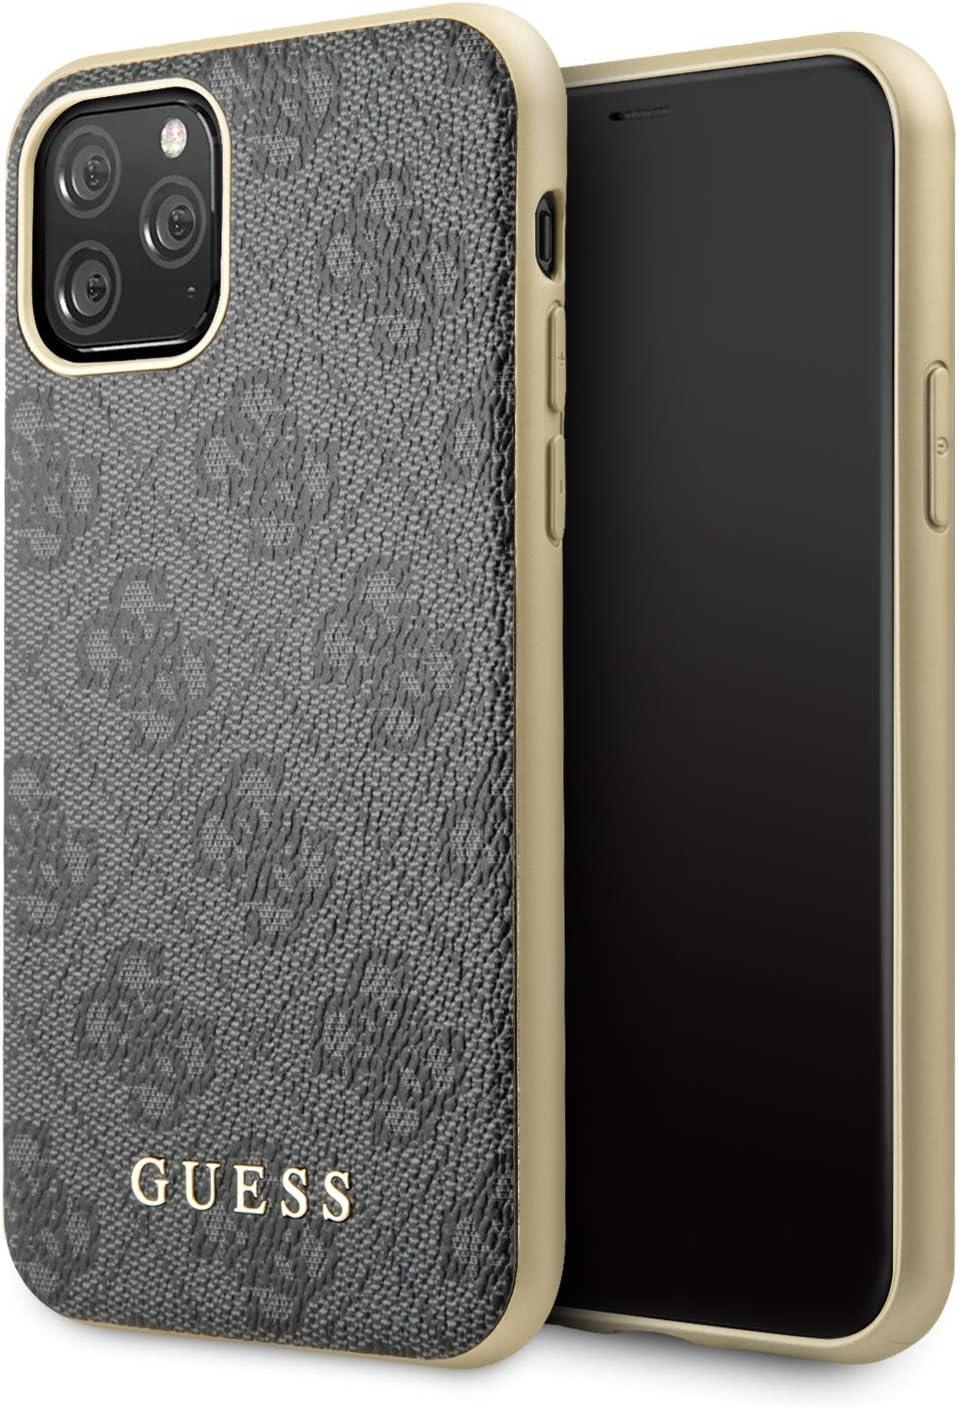 Funda Guess de la colección 4G GUHCN58G4GG para iPhone 11 Pro, Color Gris